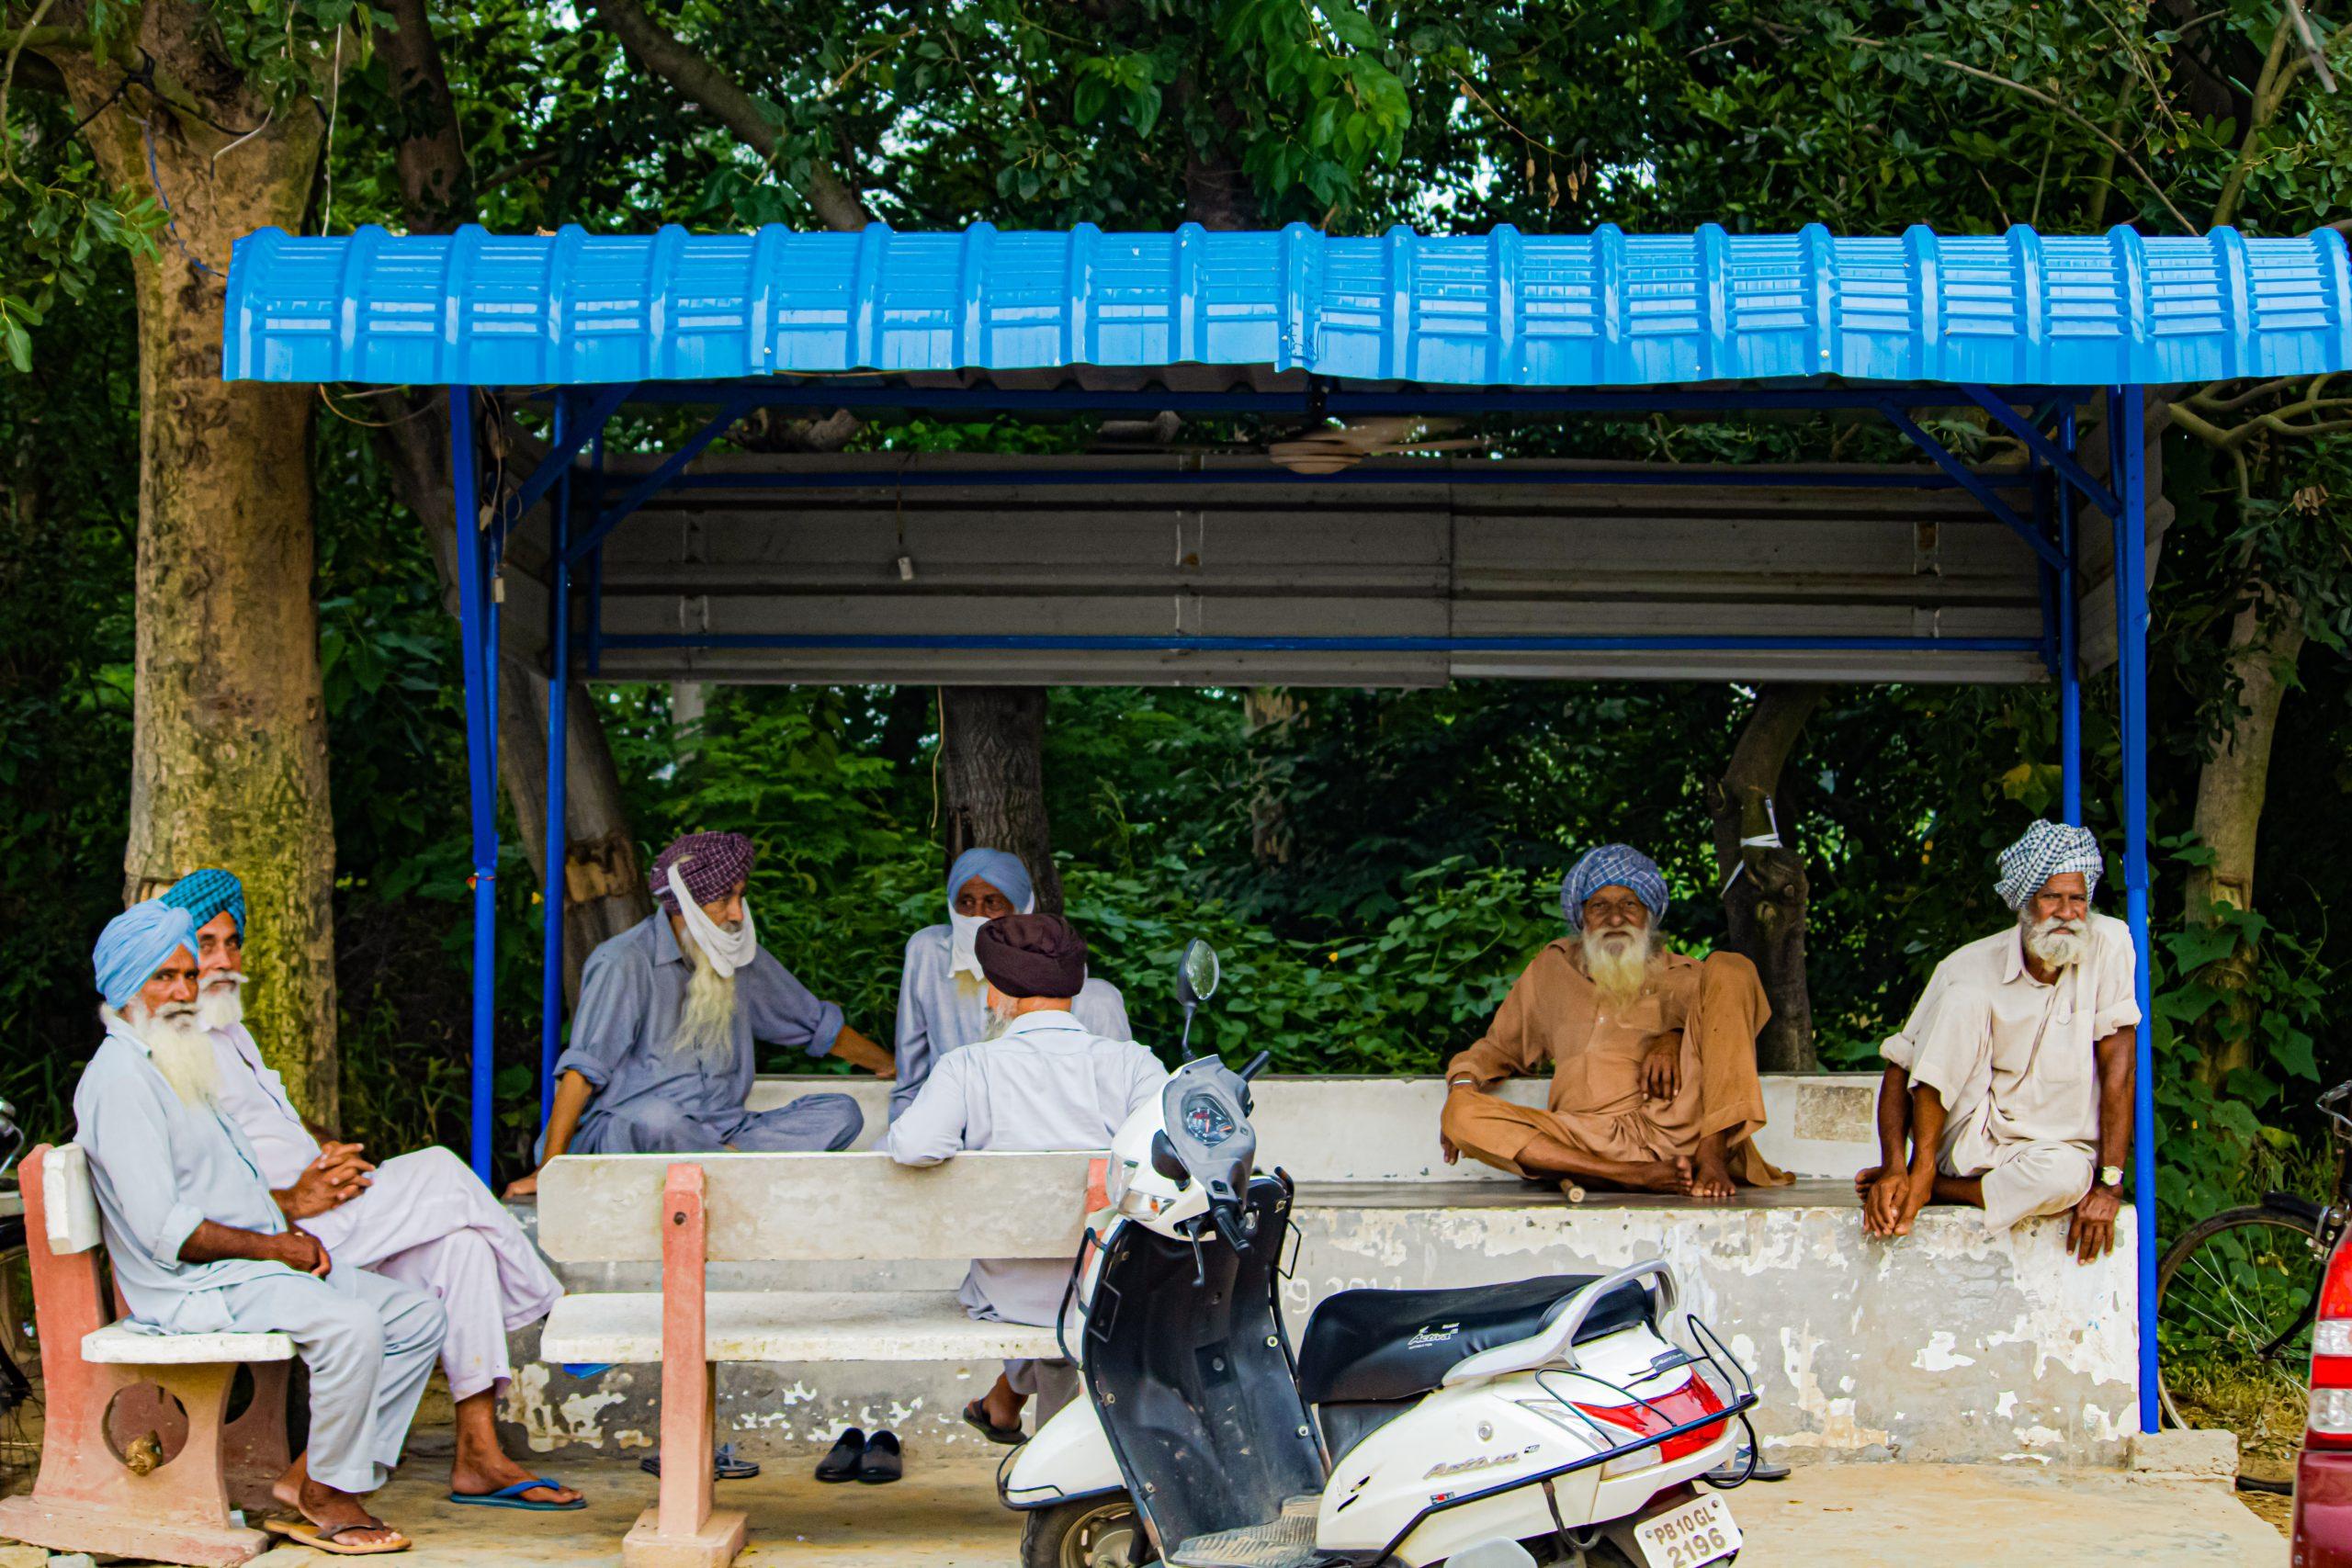 Old men sit under a rain shelter